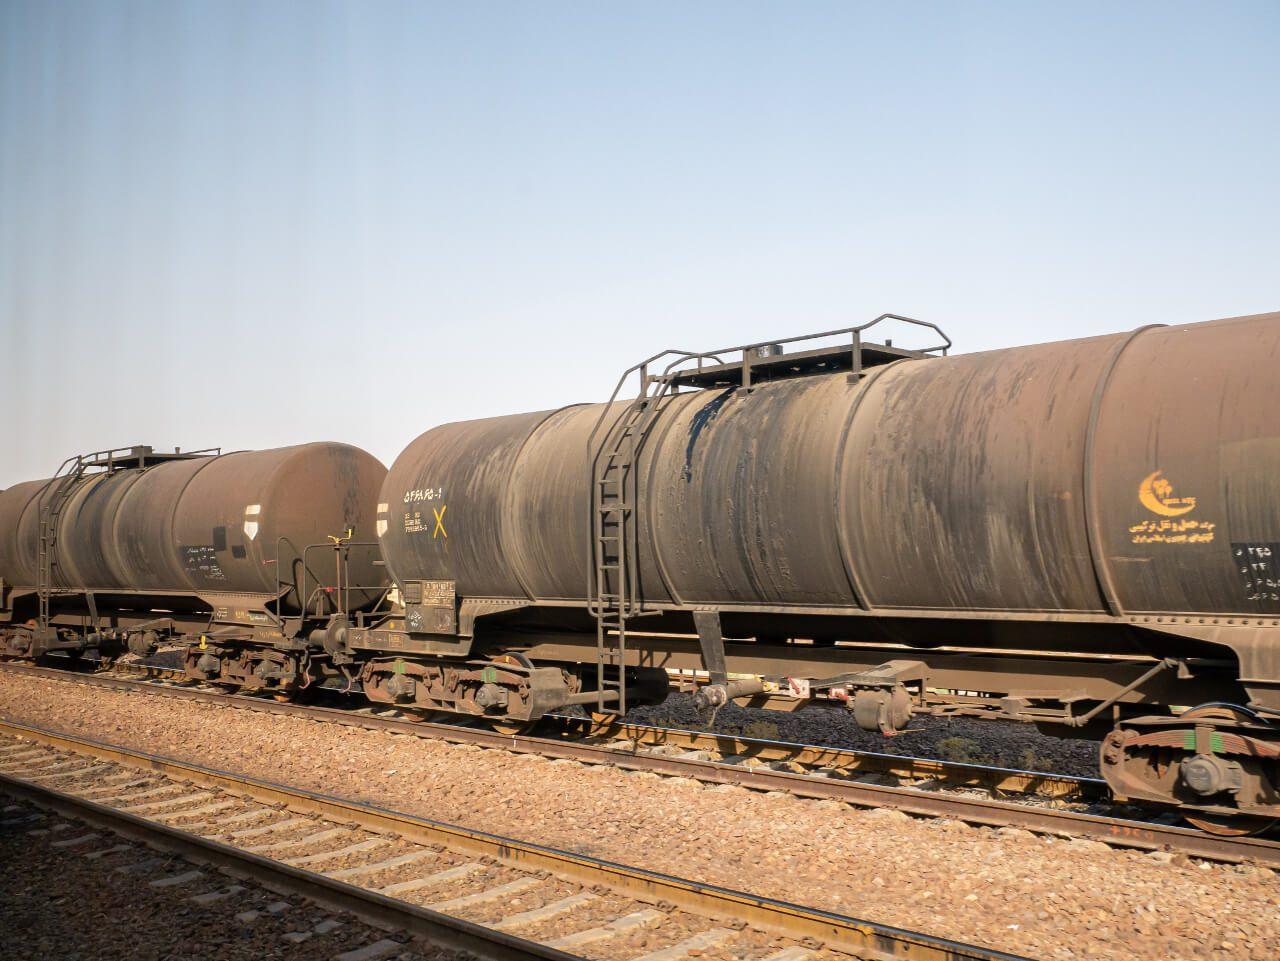 Wagony mijane po drodze do Shiraz